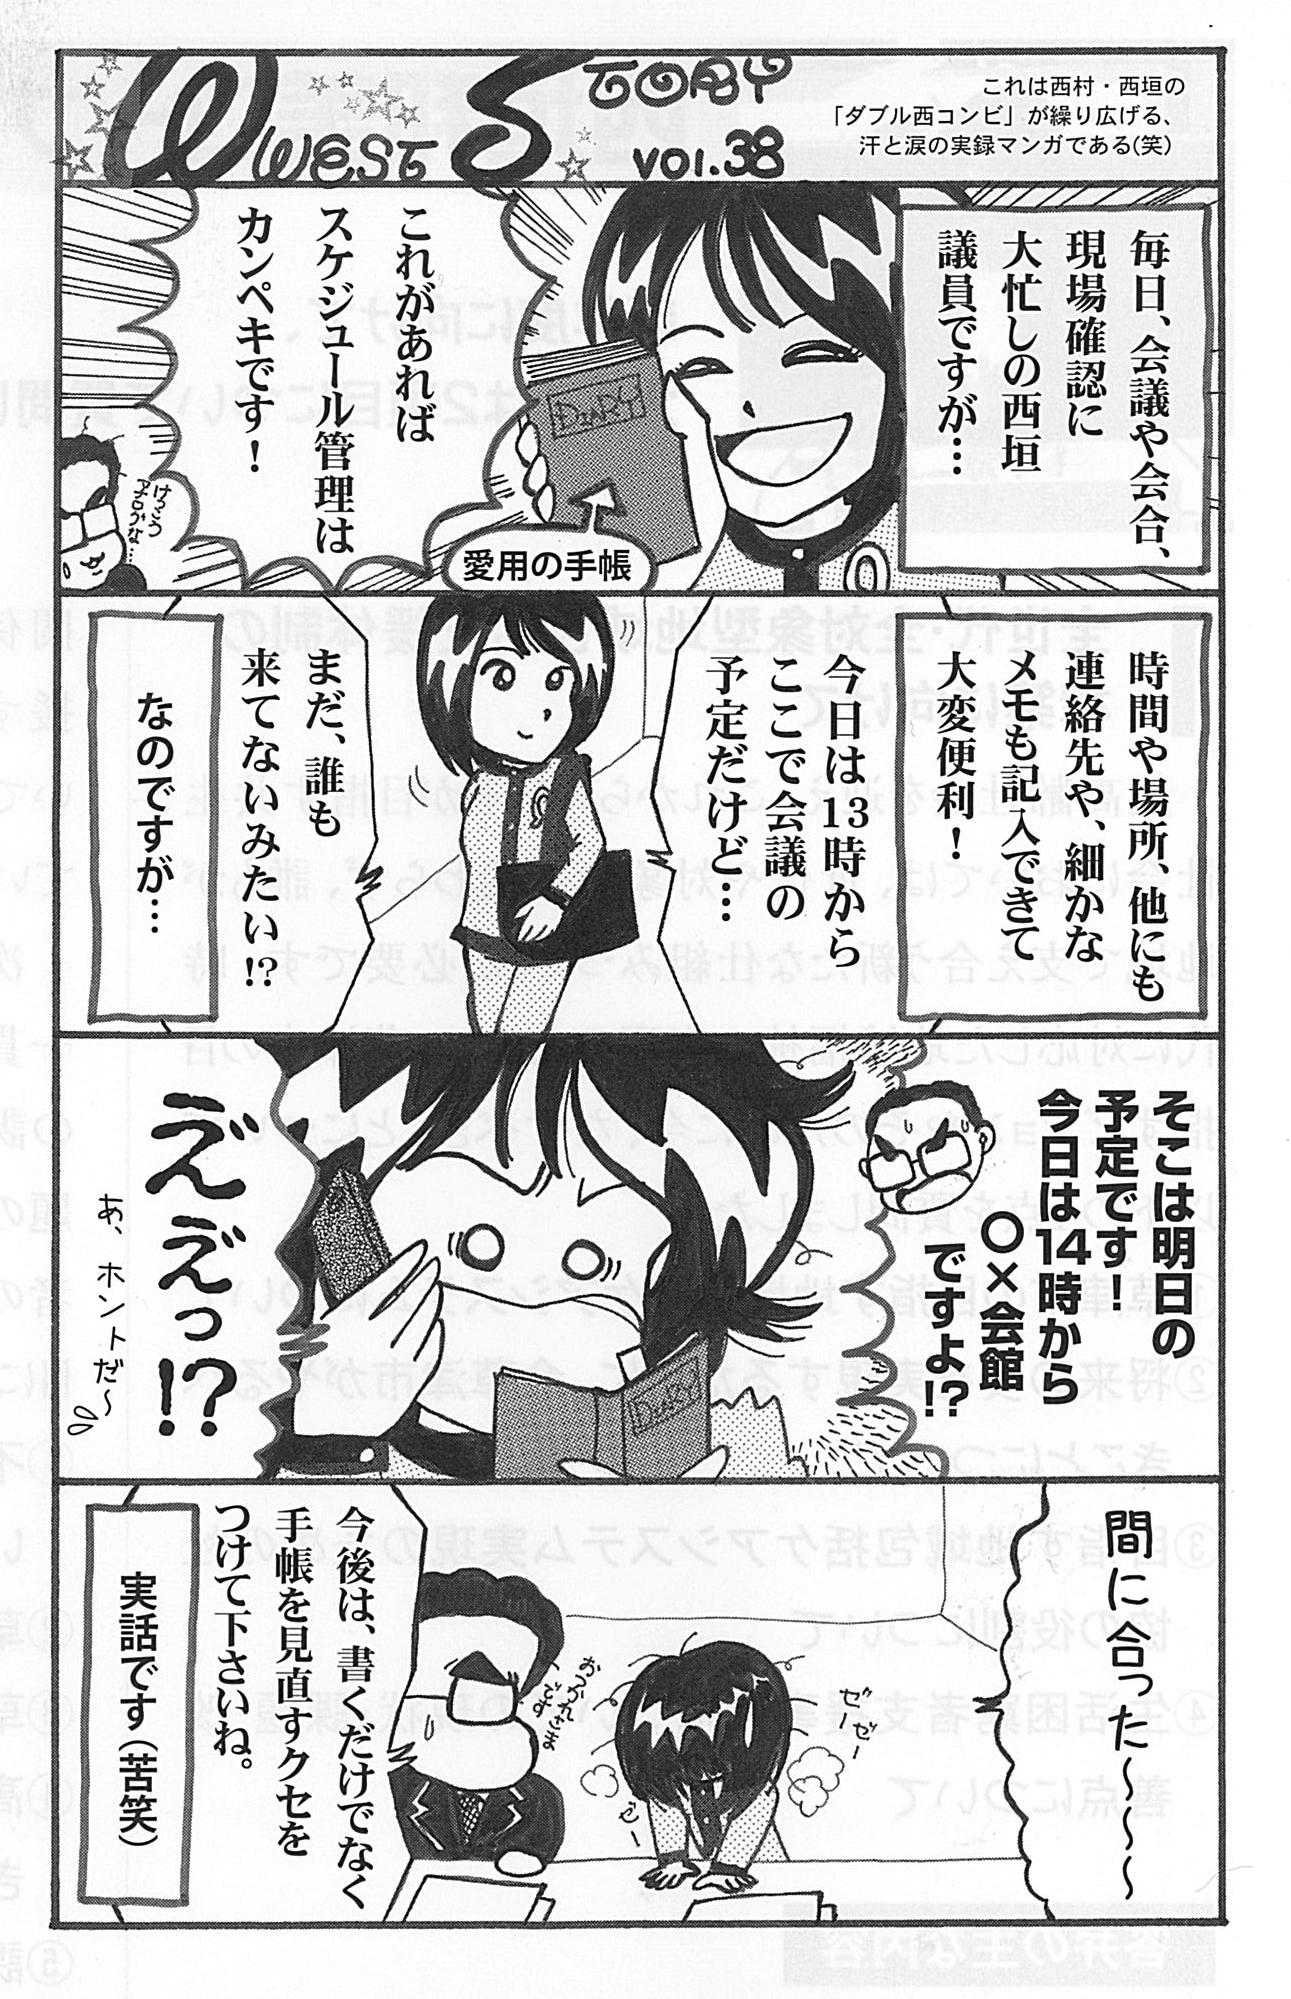 jitsuroku_vol38.jpg